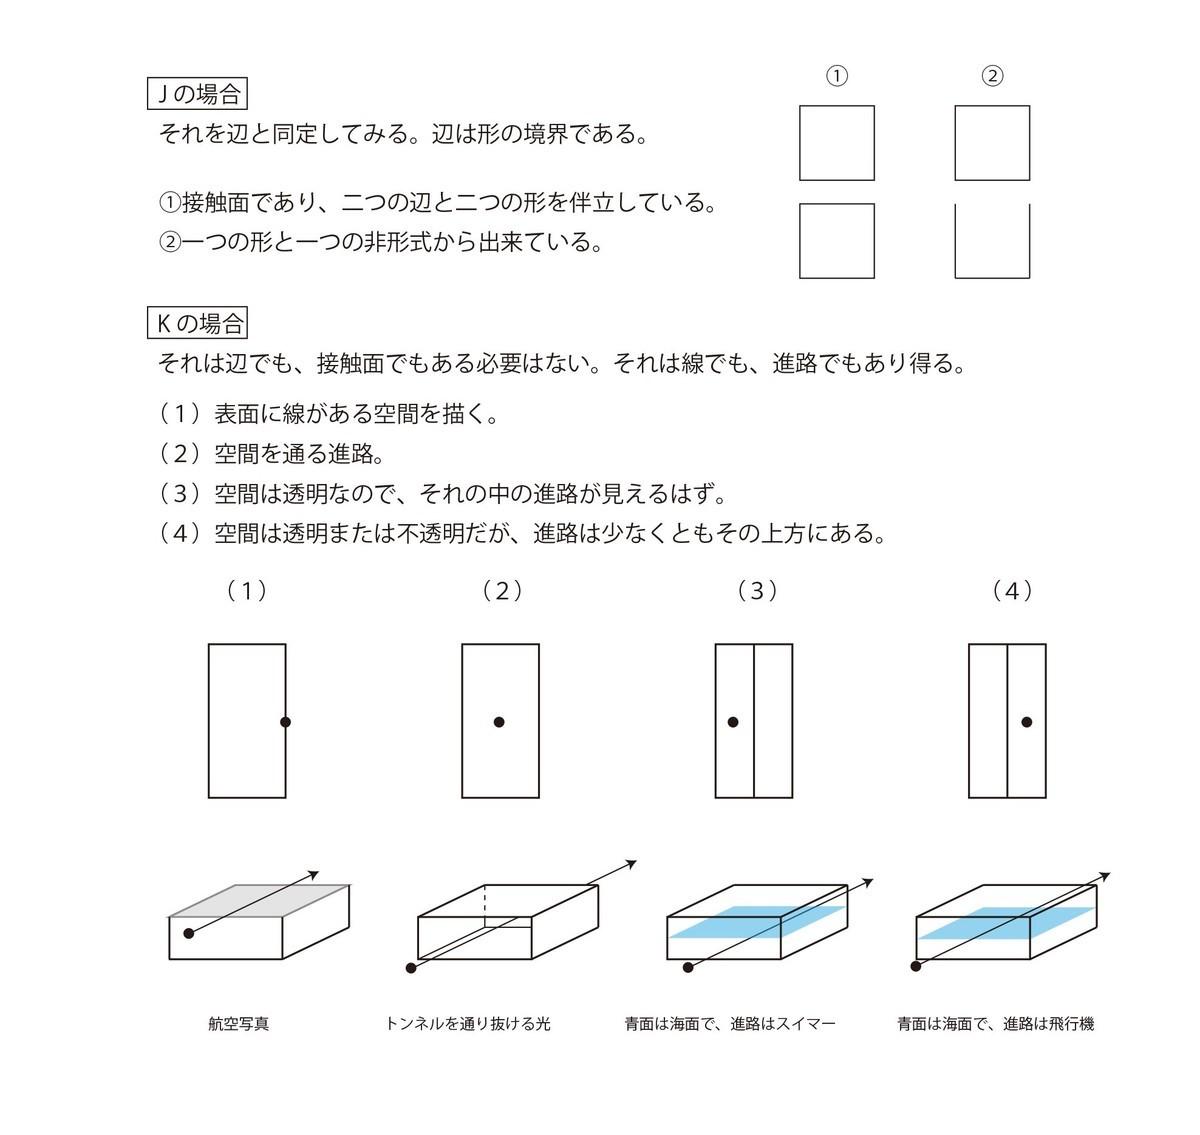 f:id:aoi-lab:20190830232033j:plain